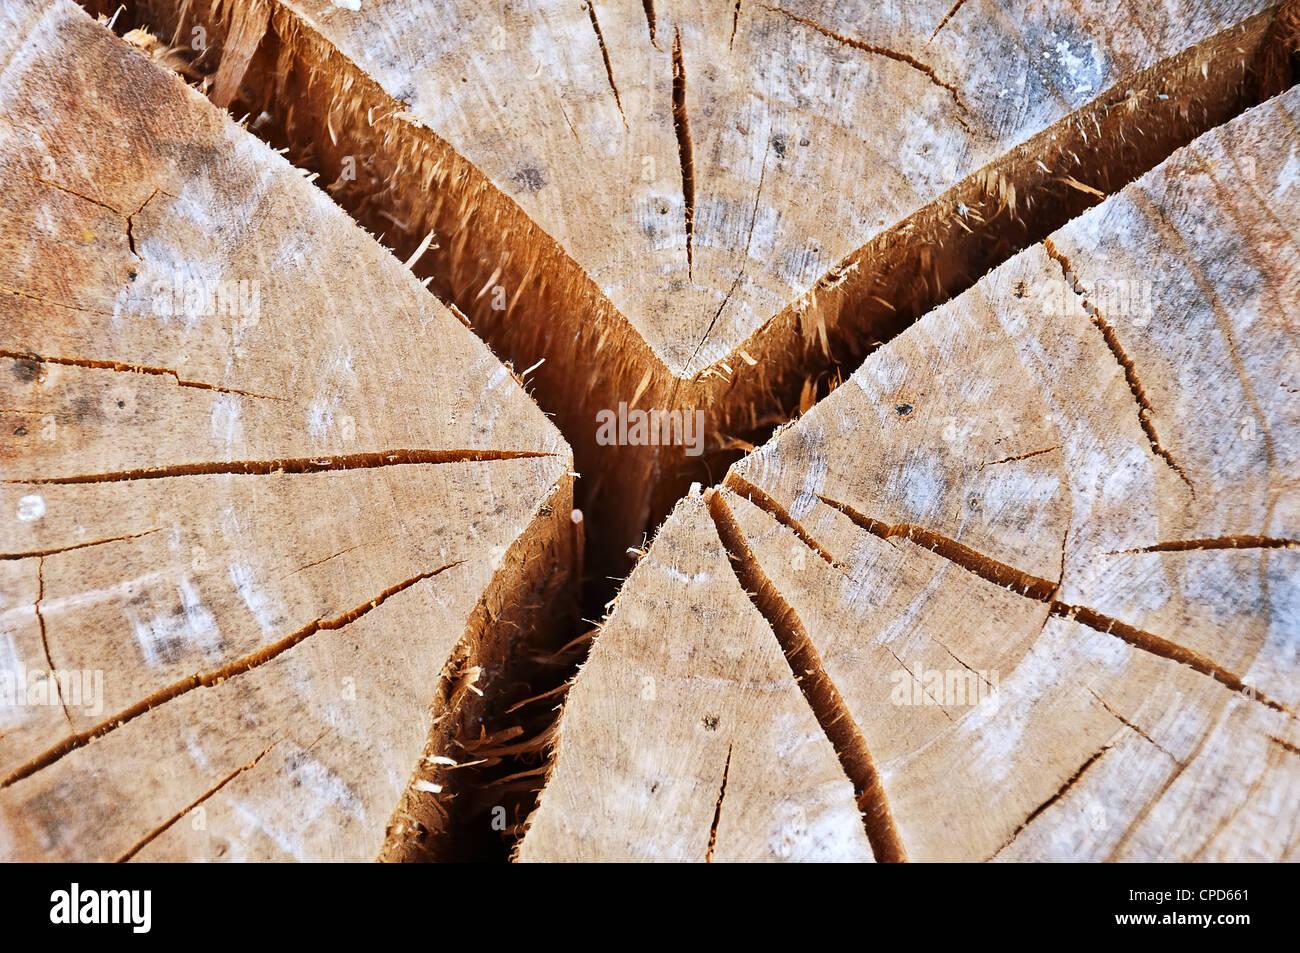 Vieille souche d'arbre fissuré Photo Stock